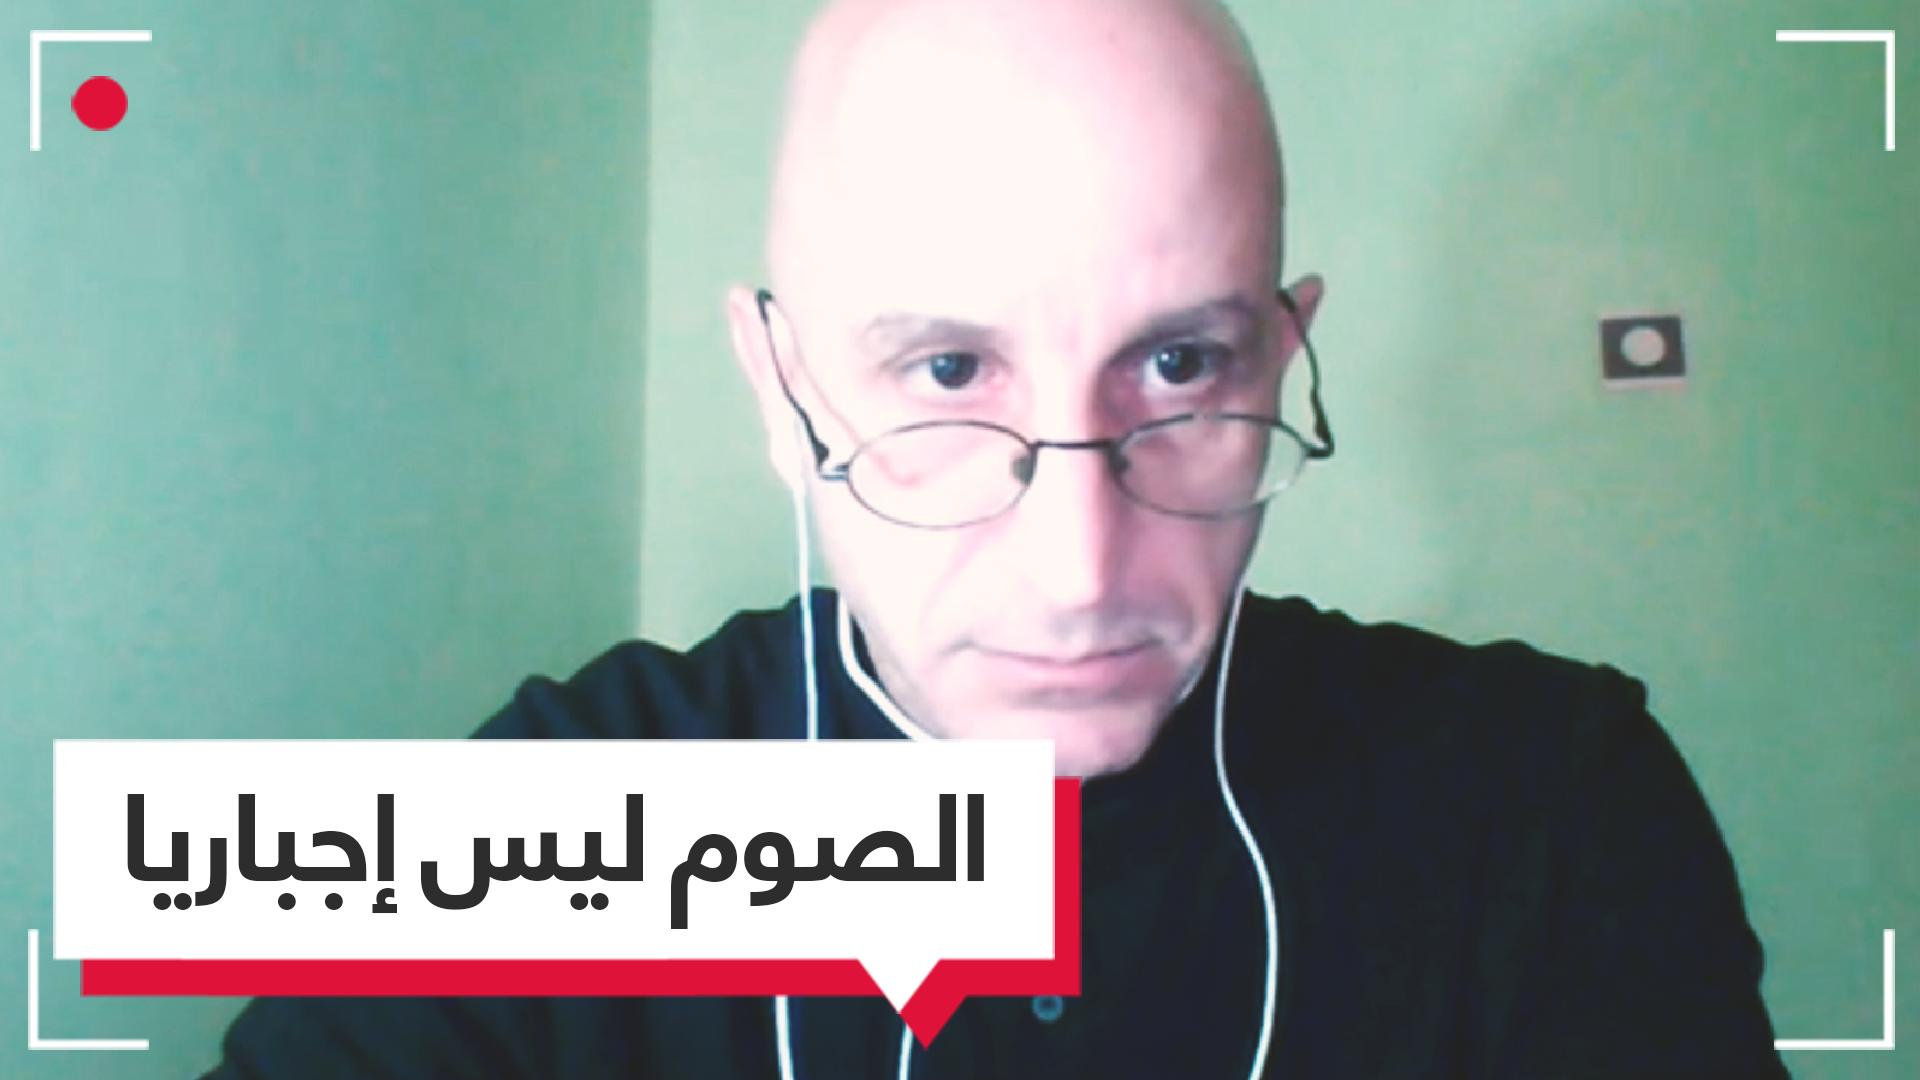 في لقاء مع RT Online.. باحث جزائري يقول إن الصوم ليس إجباريا